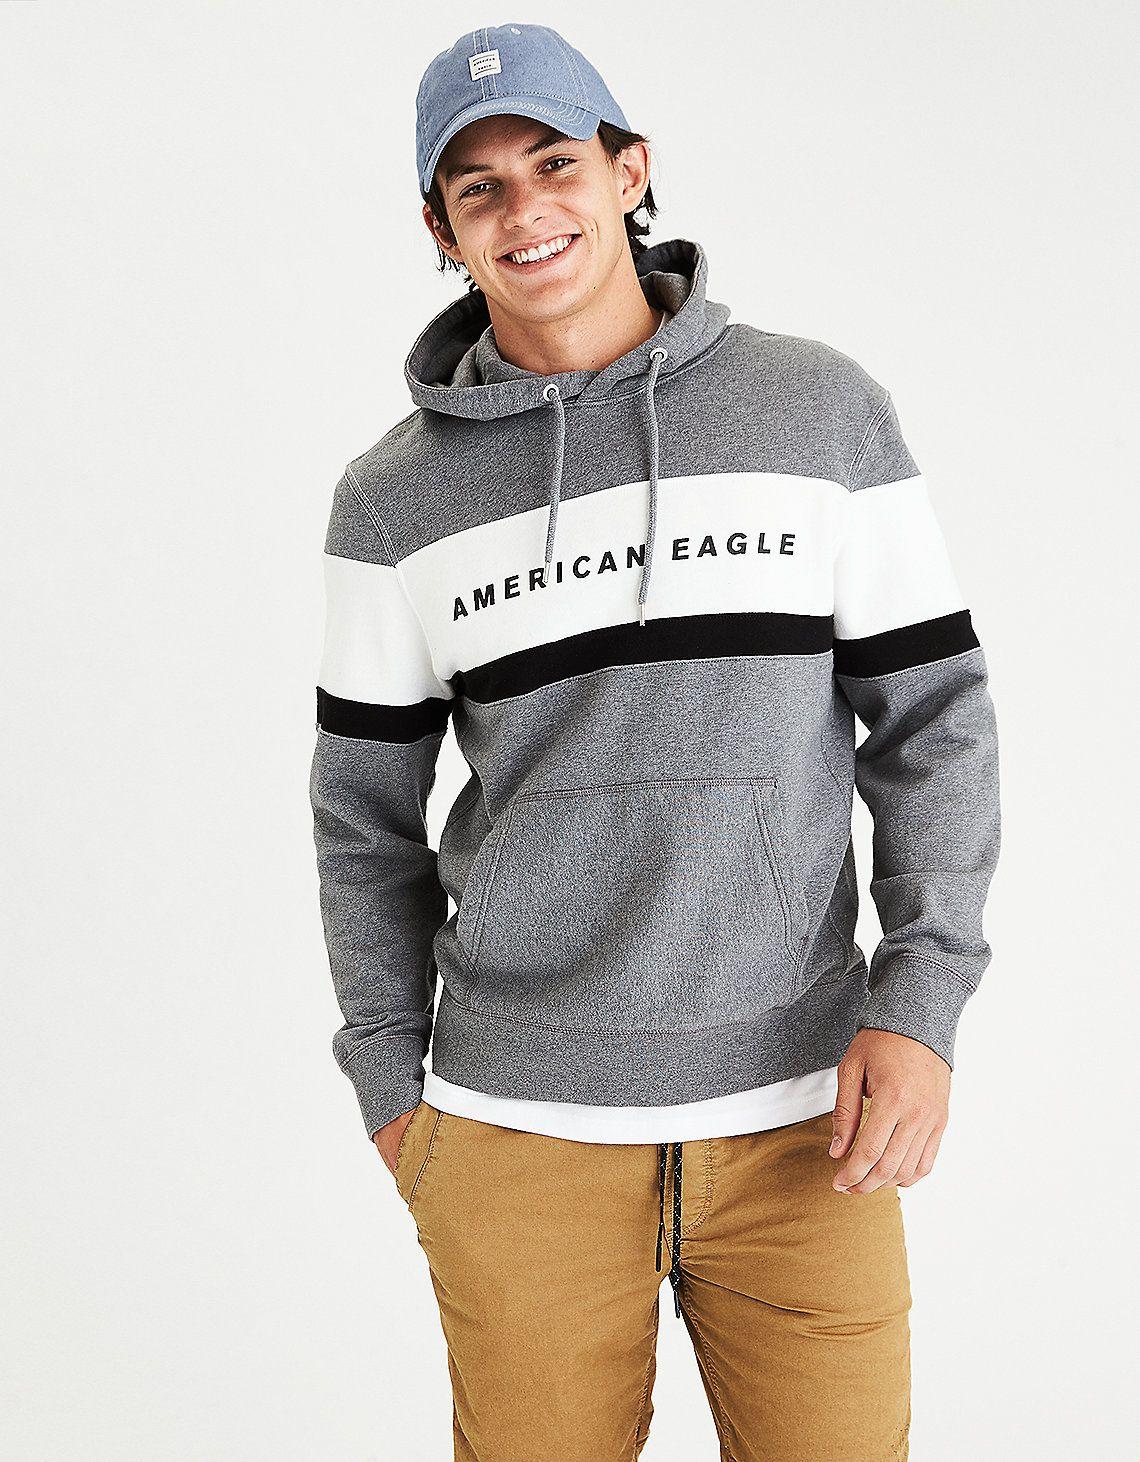 Más de 25 ideas increíbles sobre Ropa de american eagle en